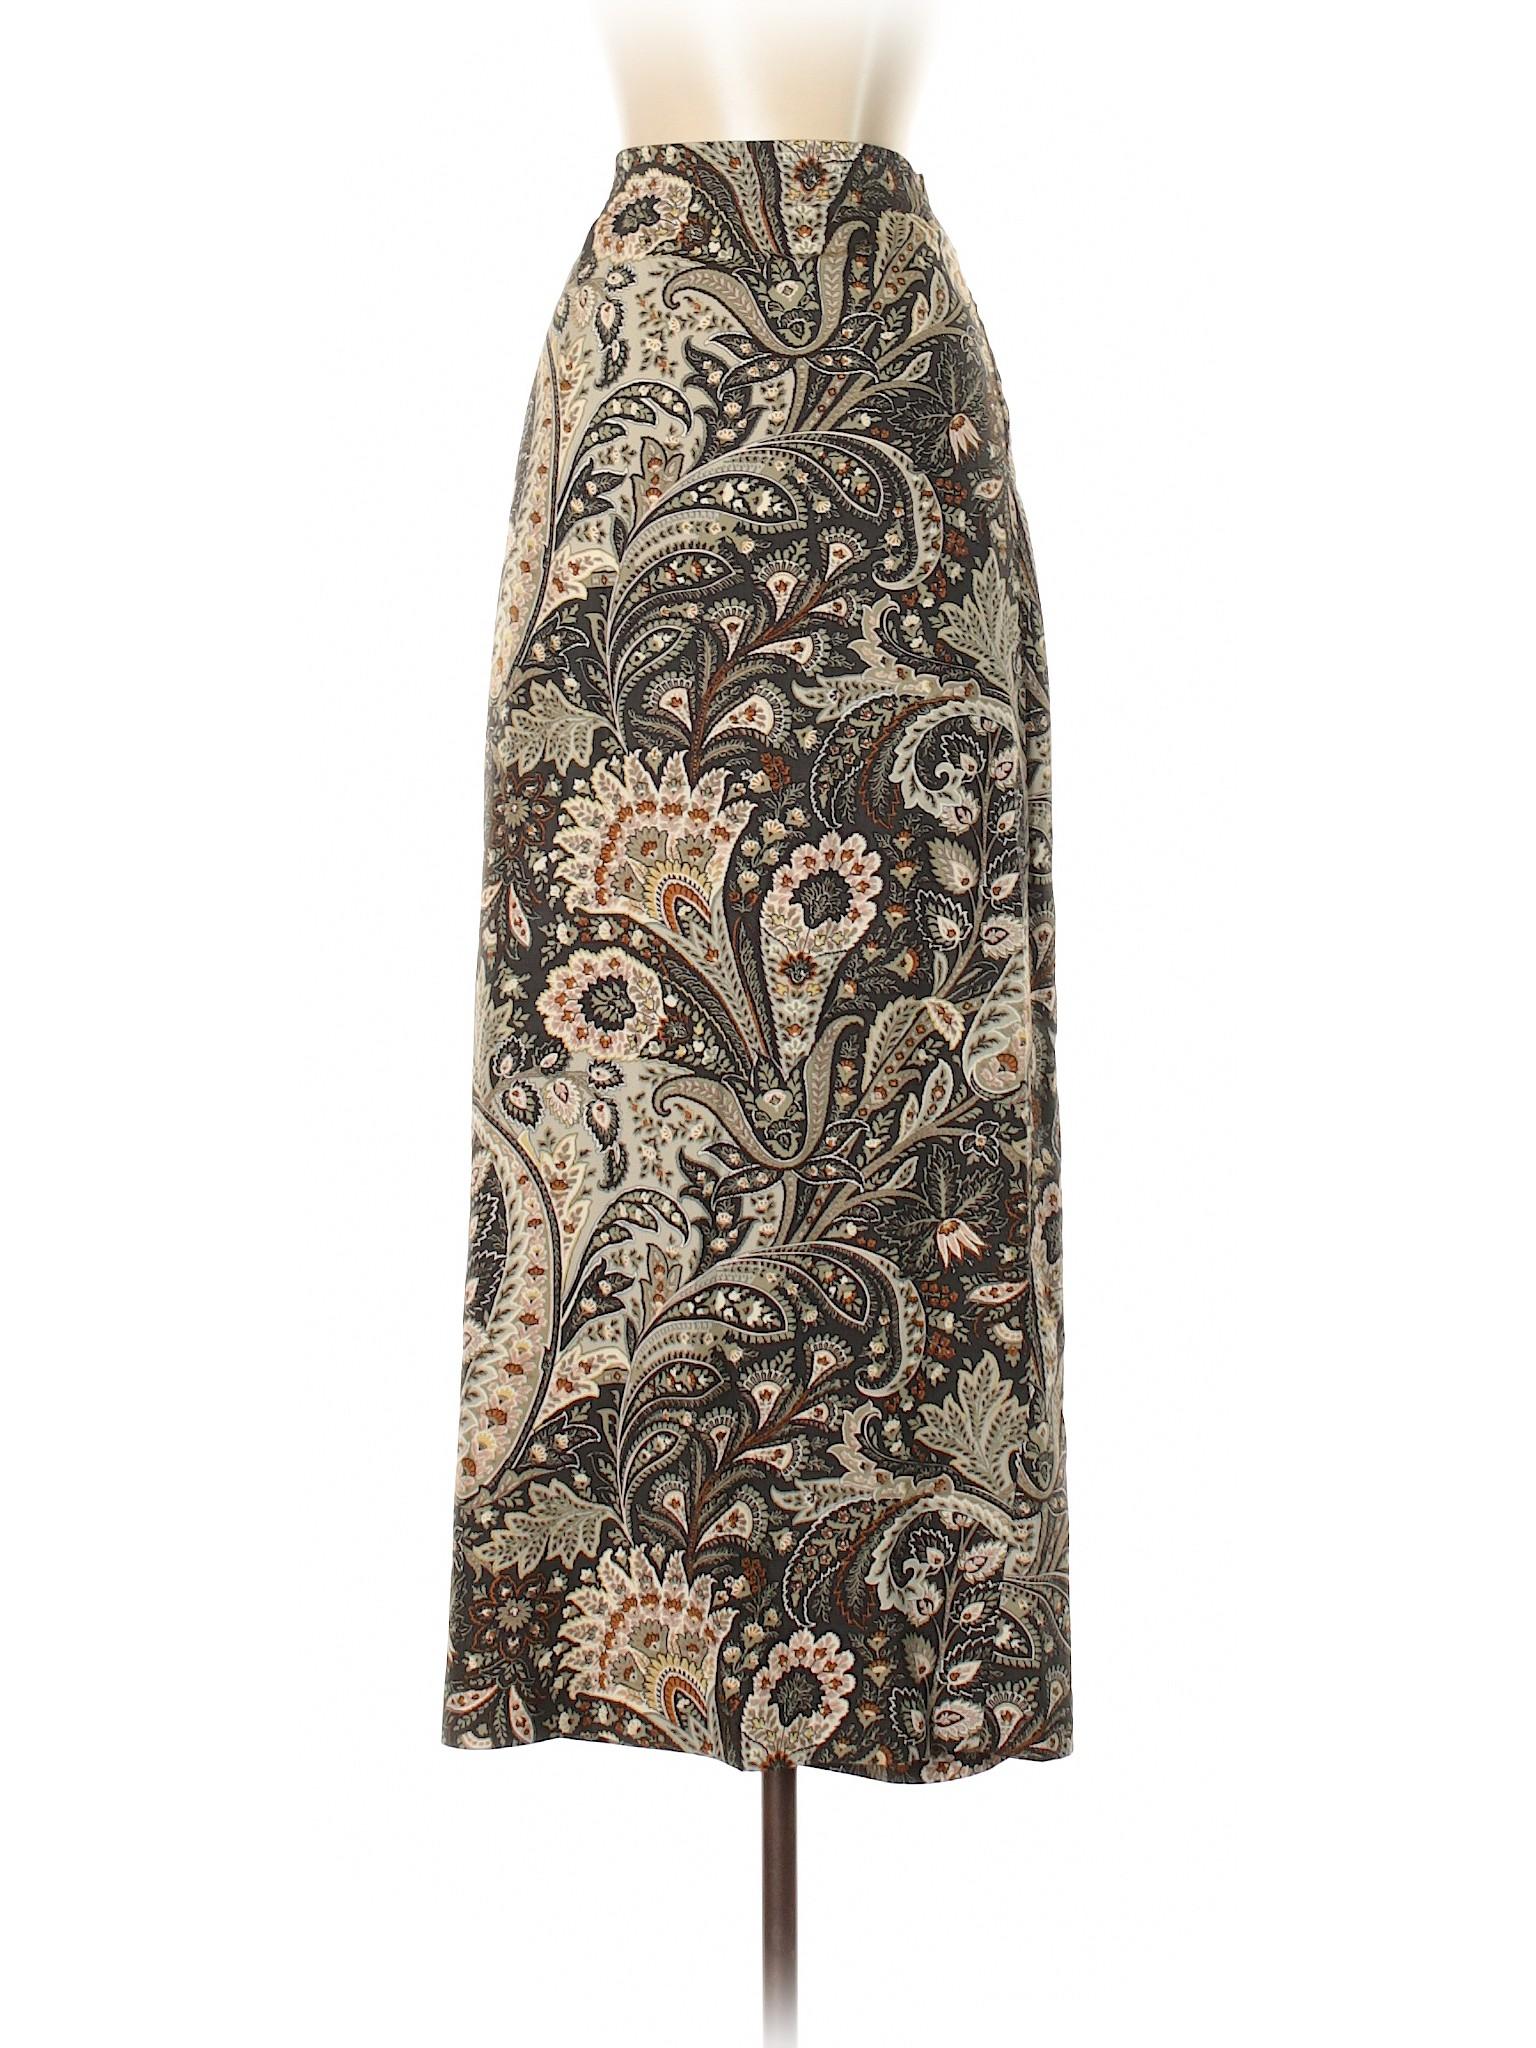 Boutique Skirt Skirt Boutique Boutique Boutique Skirt Silk Skirt Skirt Silk Silk Silk Boutique Silk rUw1rxnq